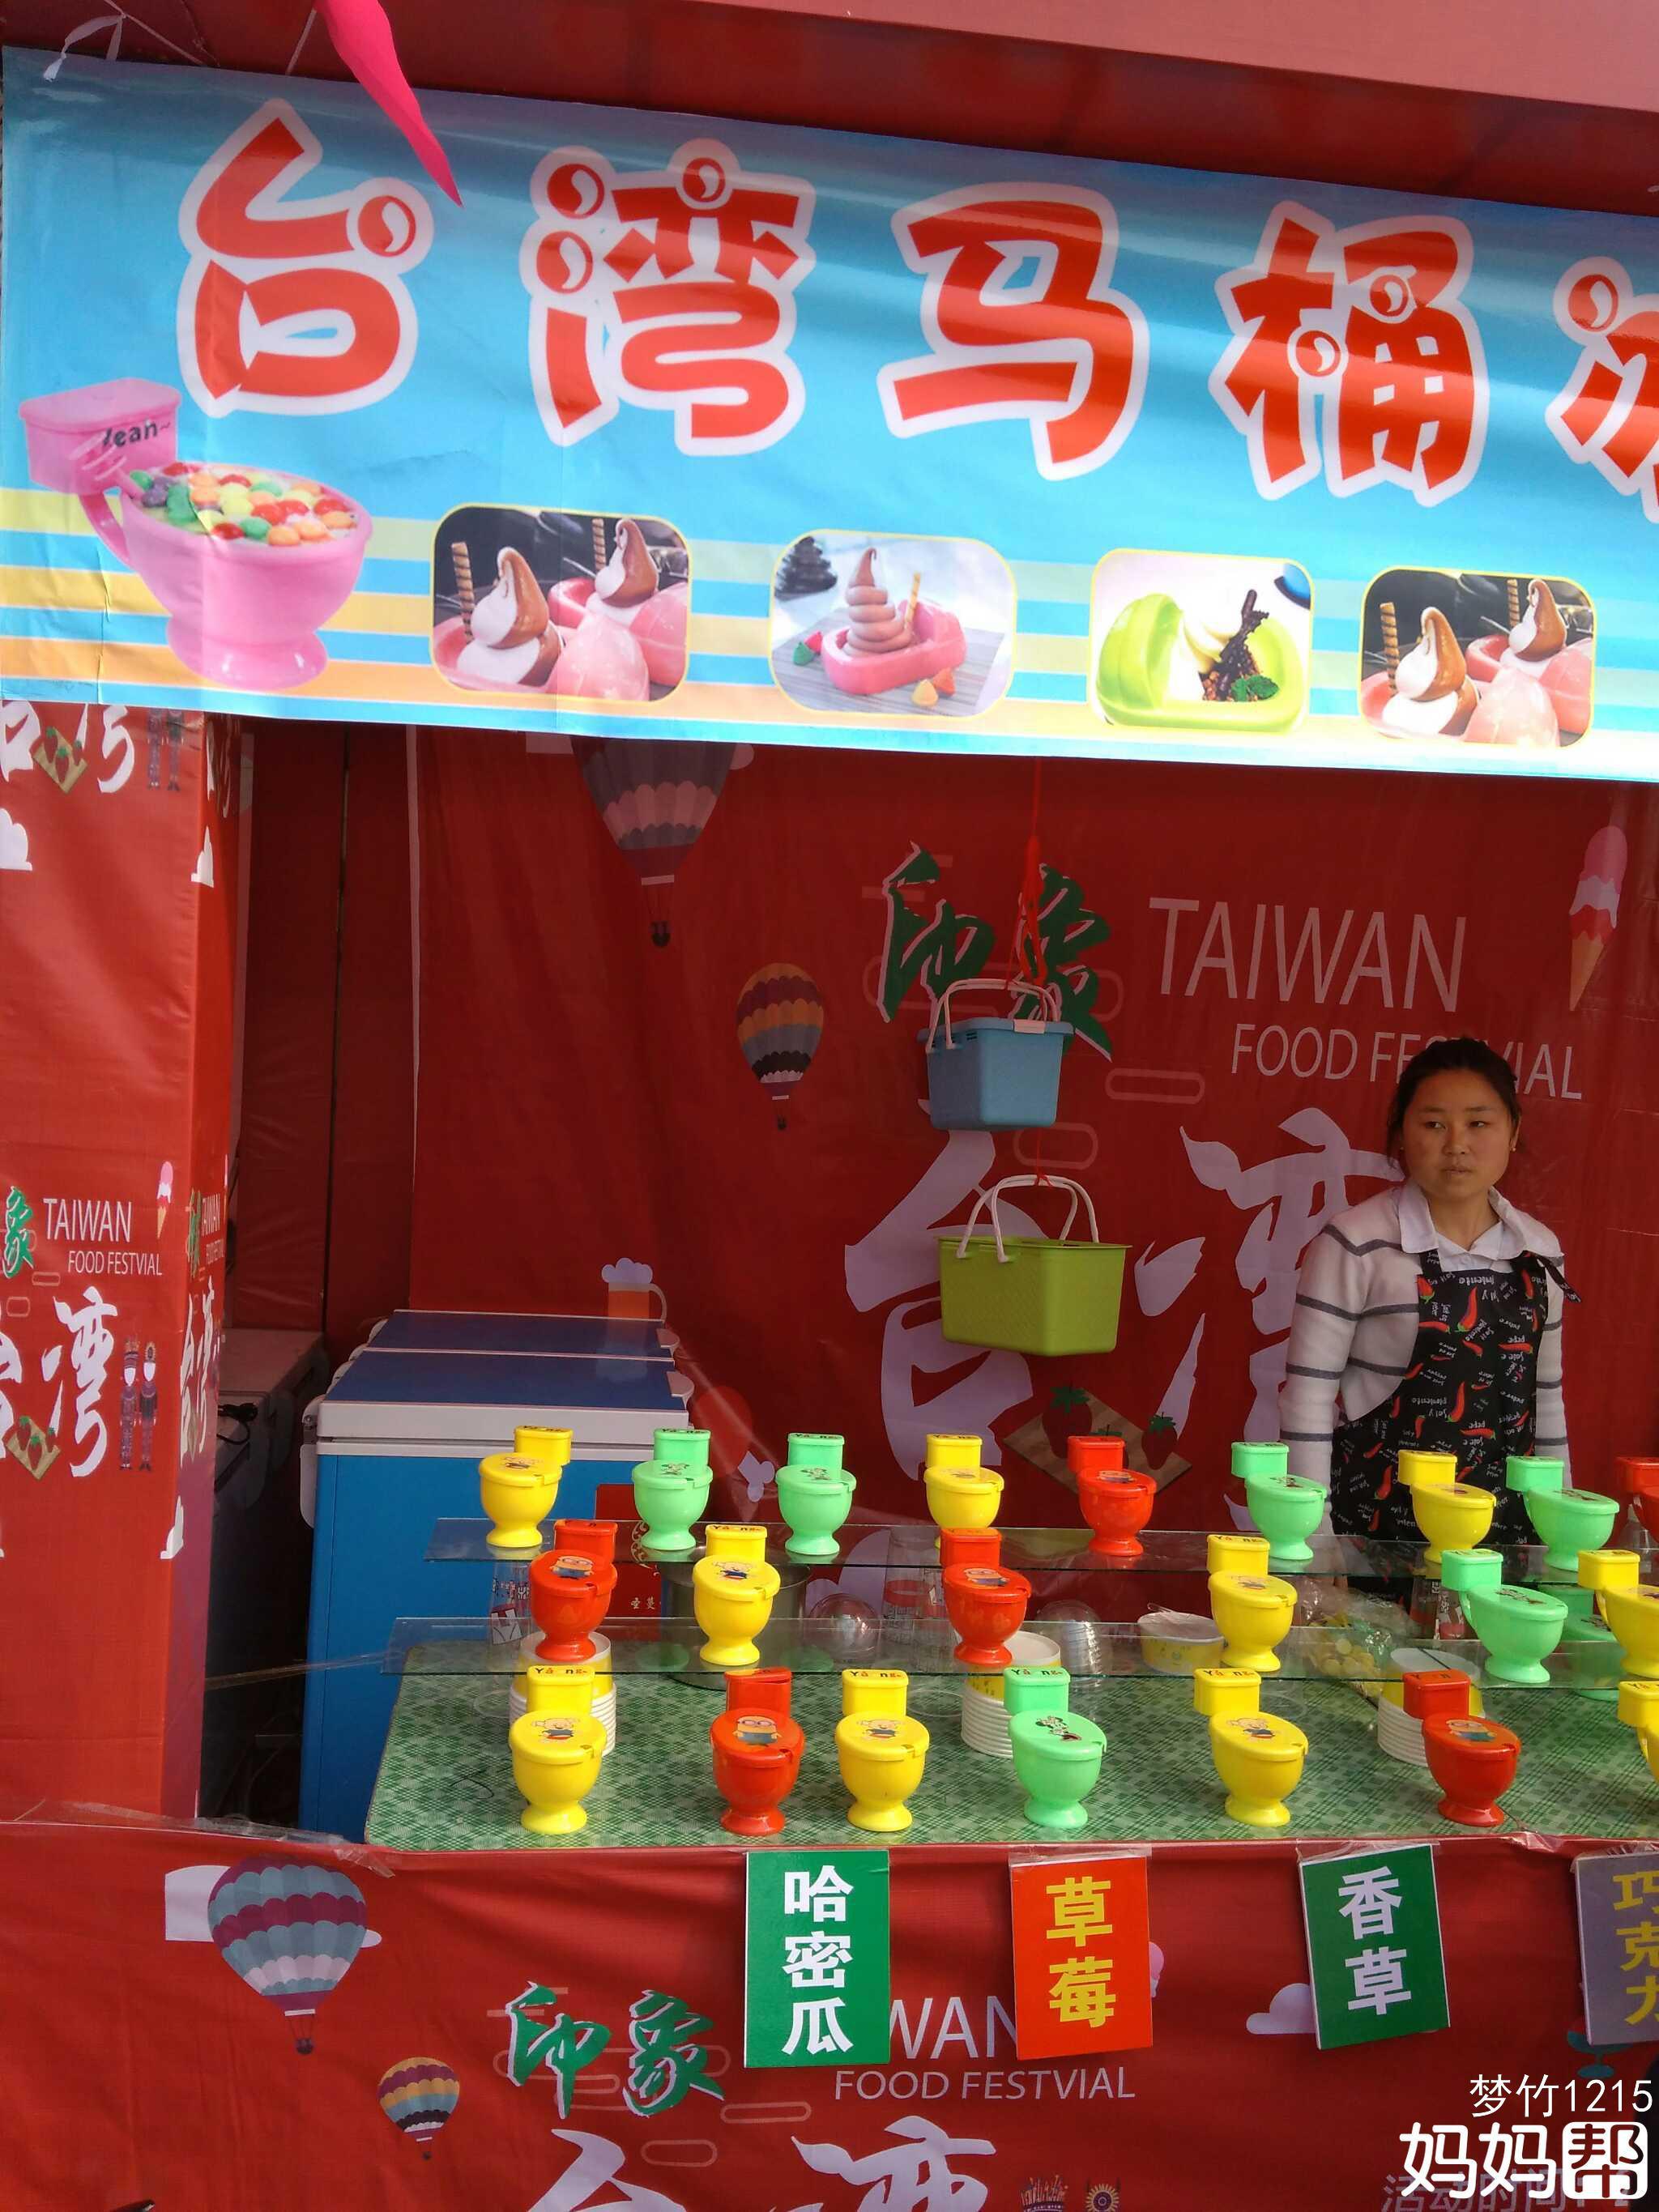 【本地话】马桶冰淇淋